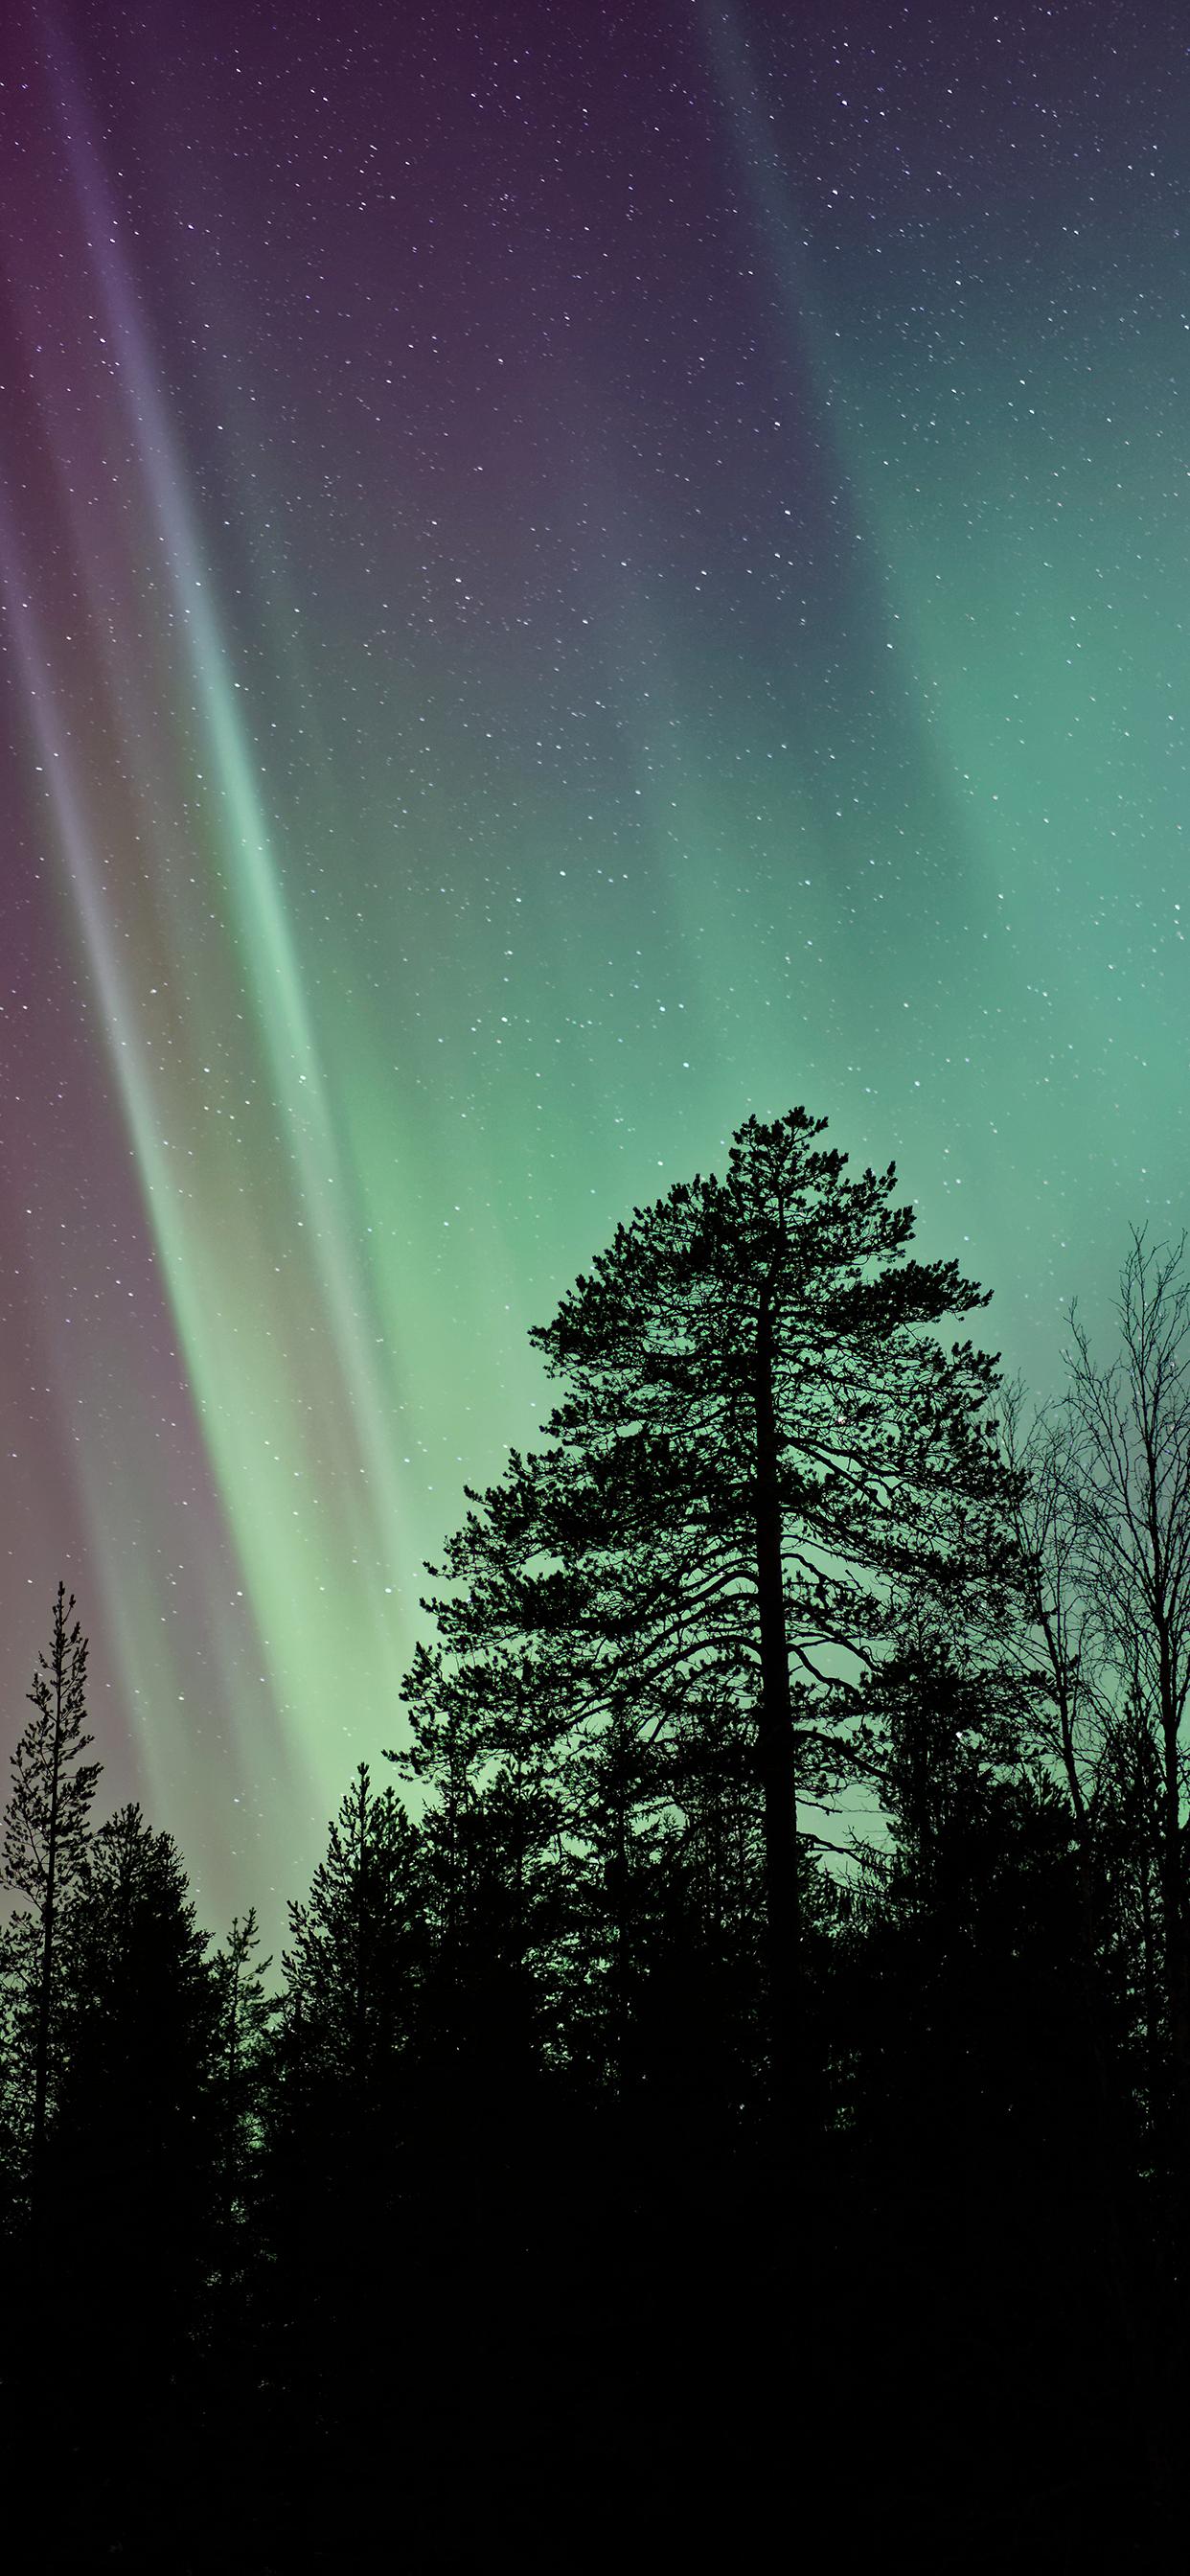 iPhone wallpaper aurora borealis trees Fonds d'écran iPhone du 11/12/2018